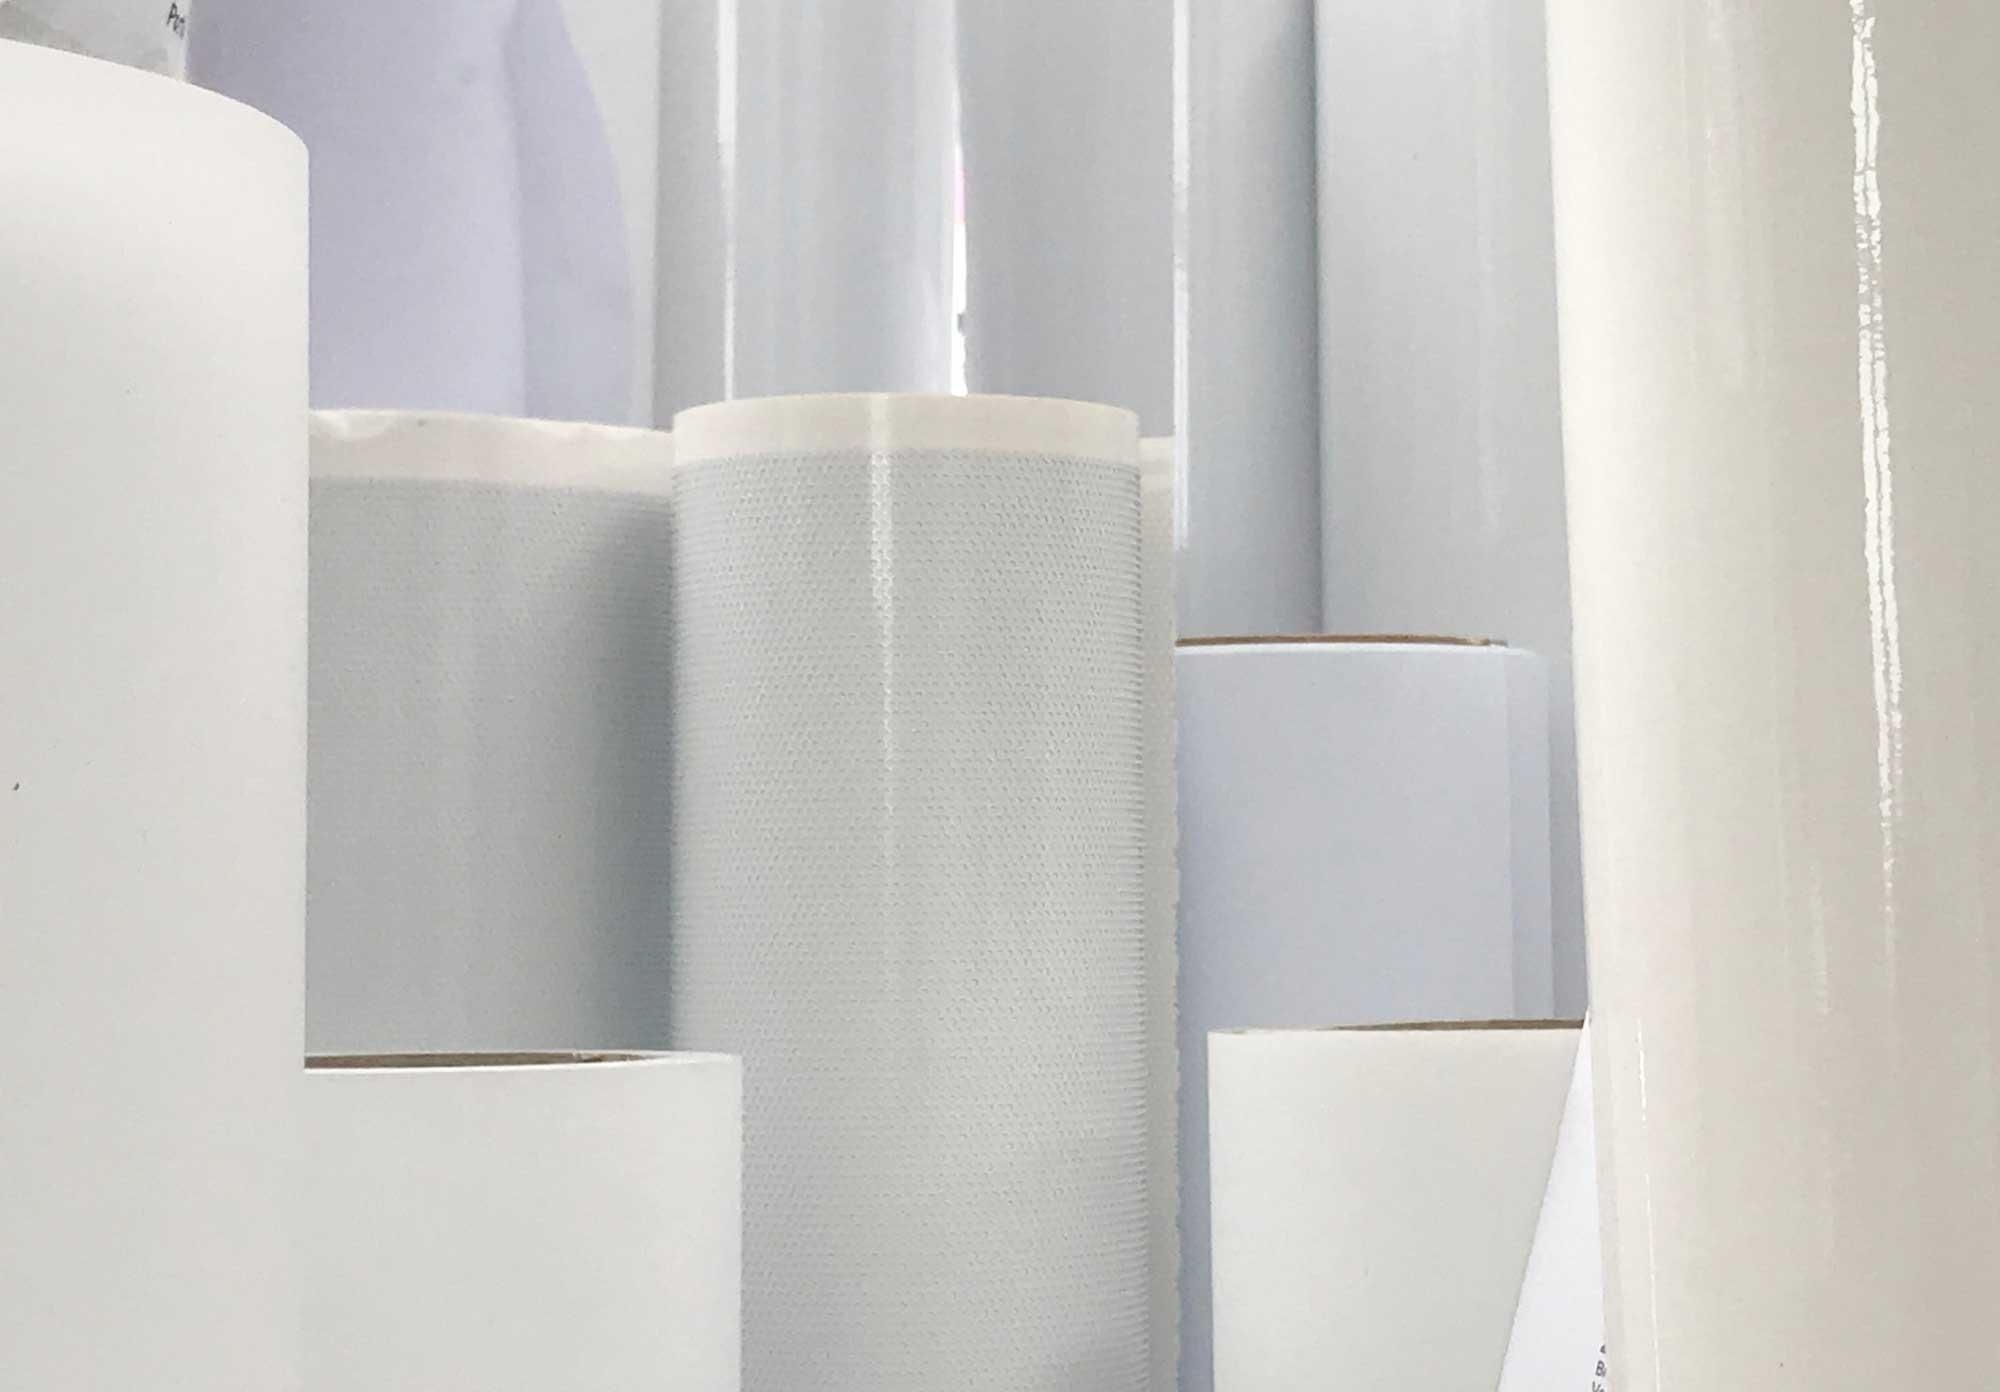 Folien und Papierrollen © Atelier Haase - Foto: Katharina Hannsen-Gluschitz